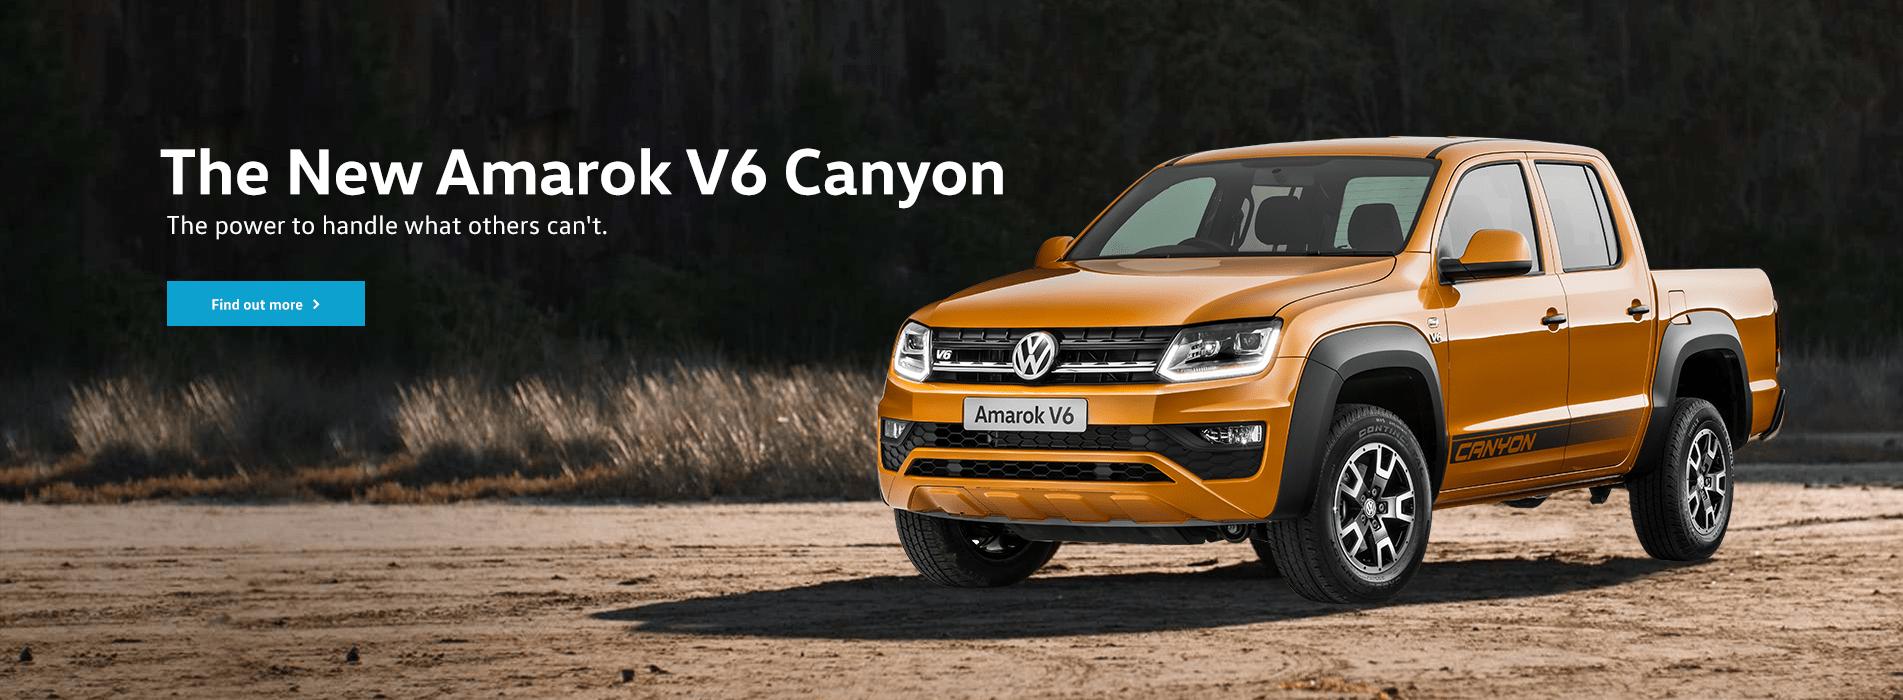 The New Amarok V6 Canyon